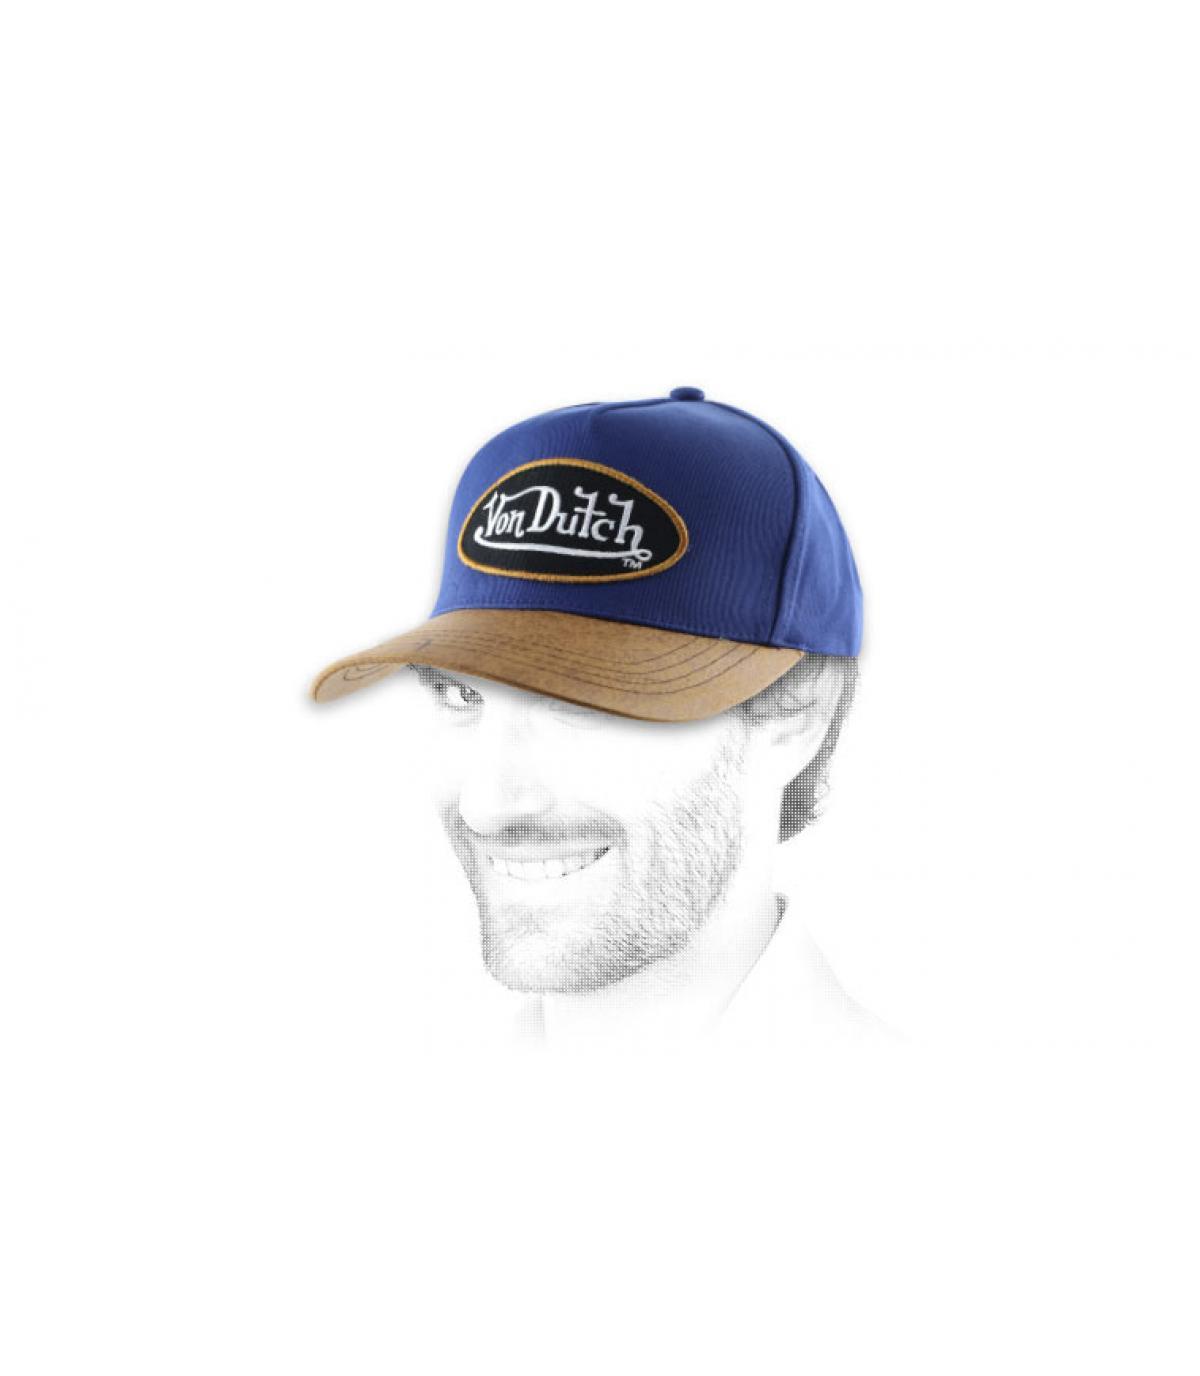 Von Dutch cap blauw lederen vizier.